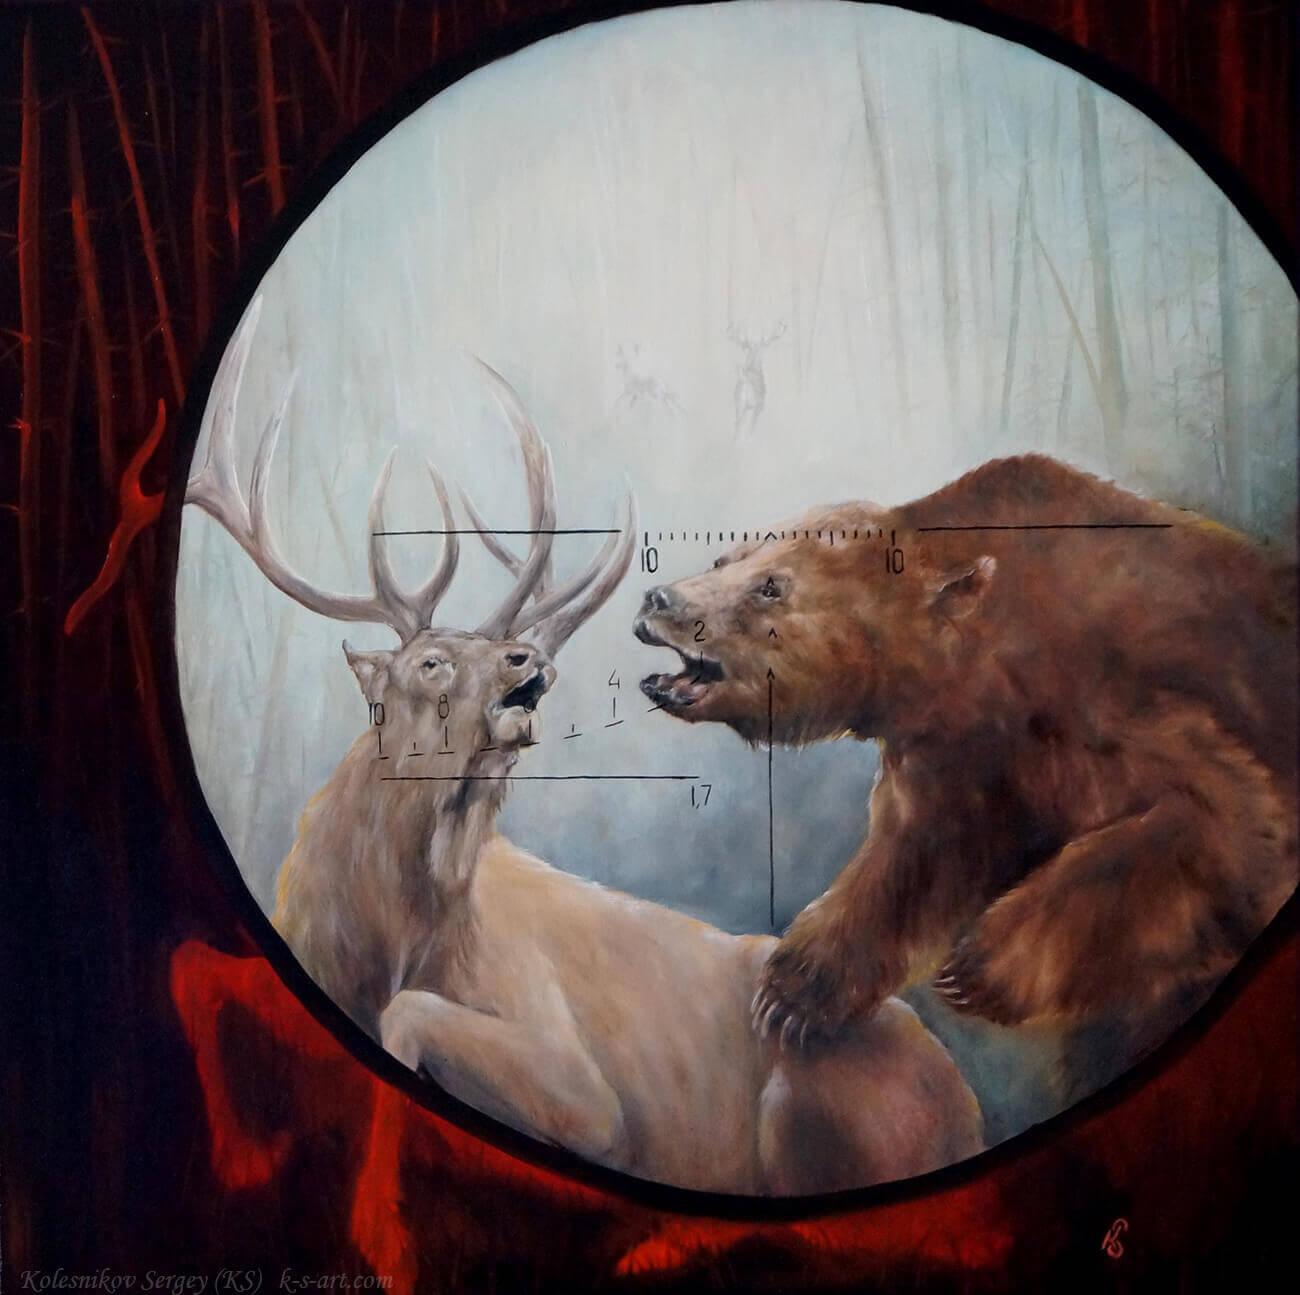 Из серии - Охота (Медведь) - картина, автор Сергей Колесников (KS), холст (лён, мелкое зерно), масло, 75x75 см, 2016 год. Живопись, авторский стиль - интегральный реализм.